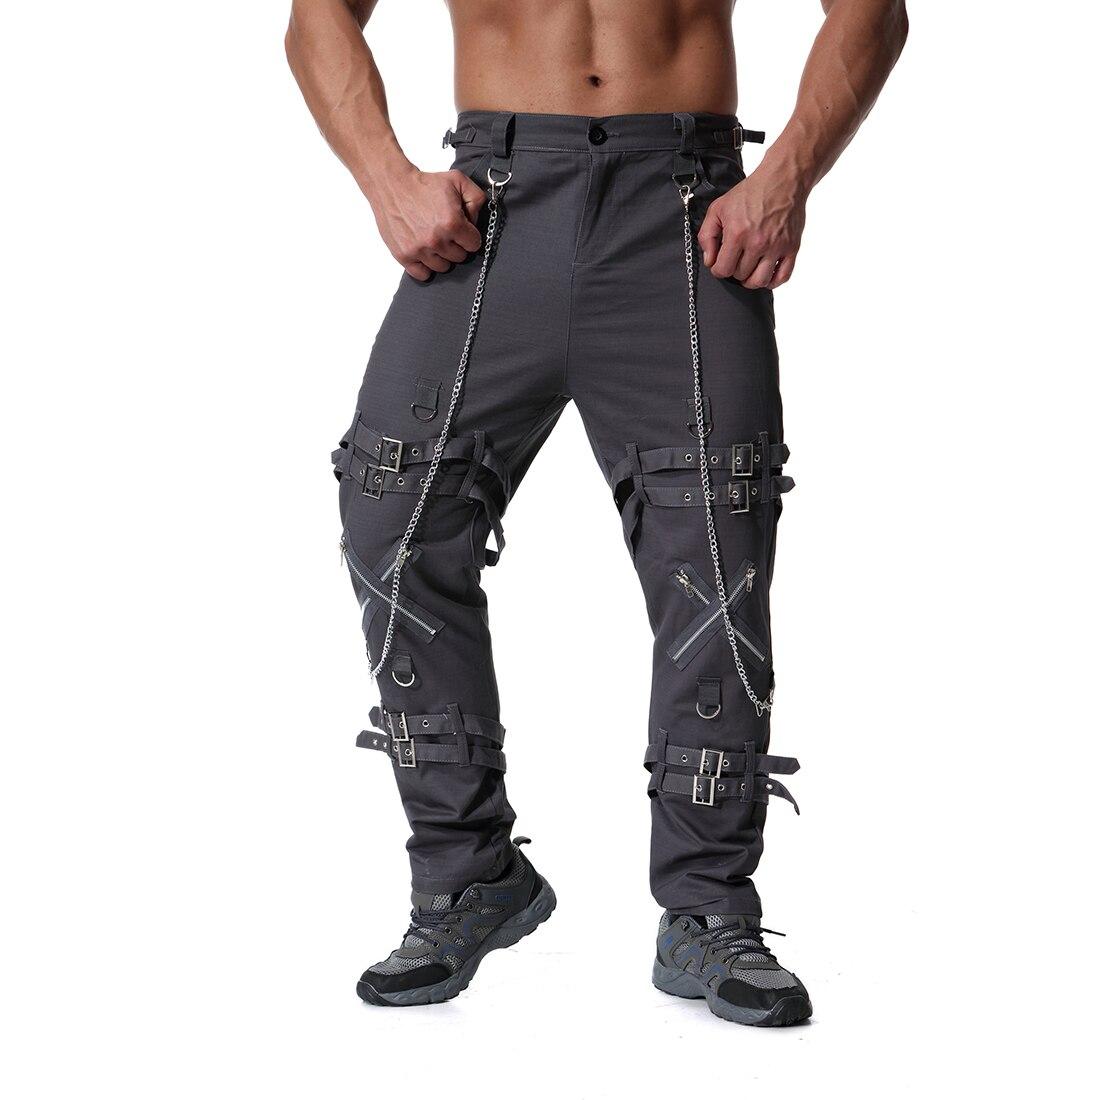 Mannen broek streetwear joggers joggingbroek broek mannen pantalon hombre hip hop jogger camouflage tactische cargo broek militaire - 4